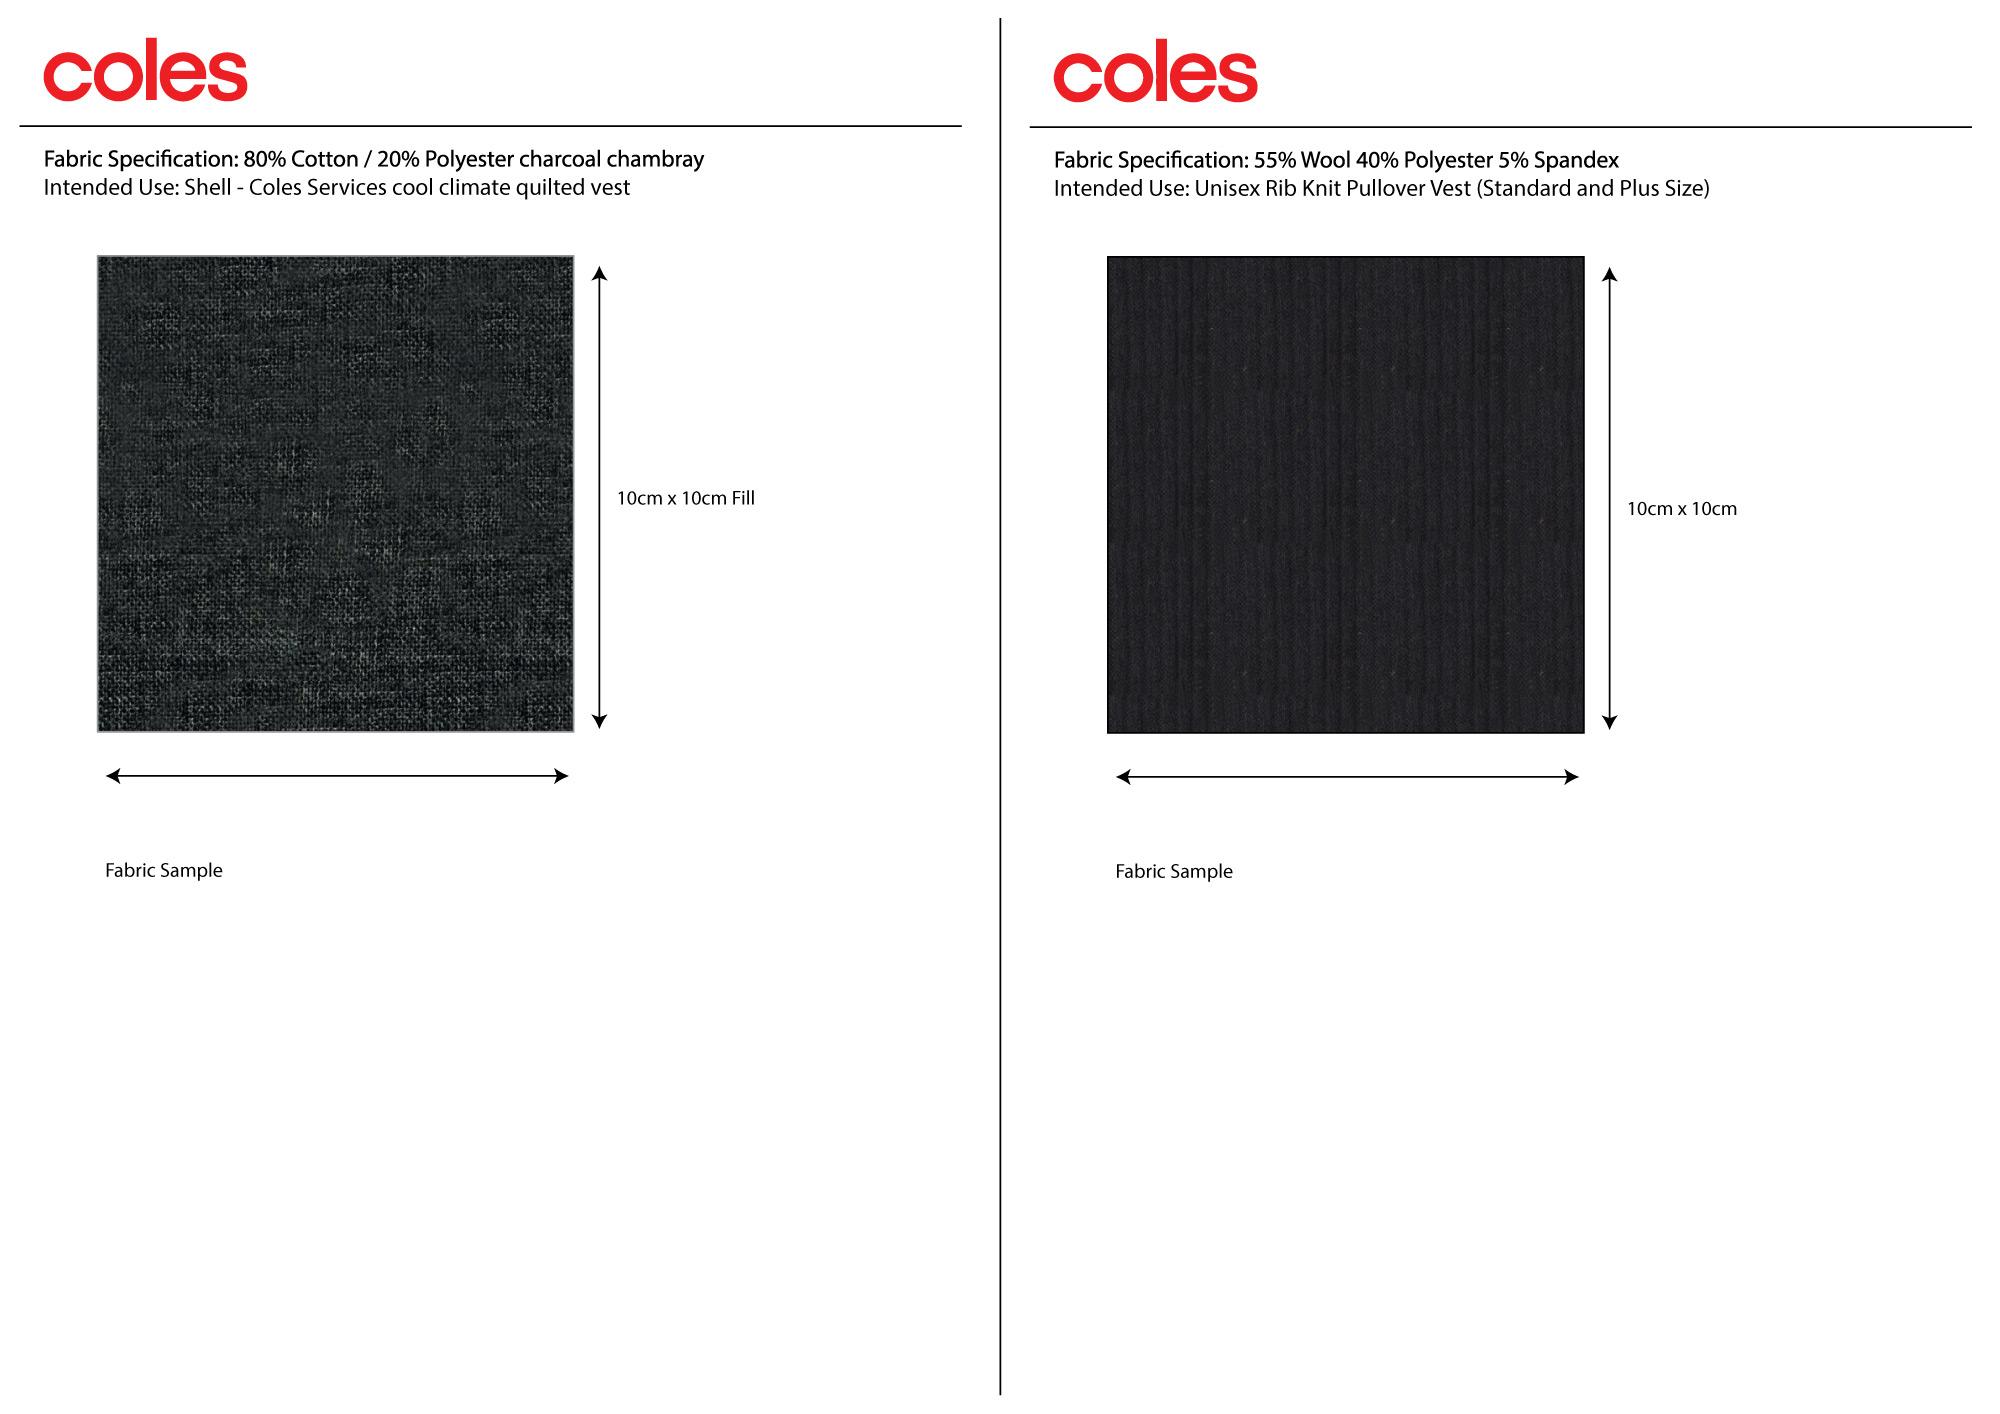 COLES-2017-14.jpg